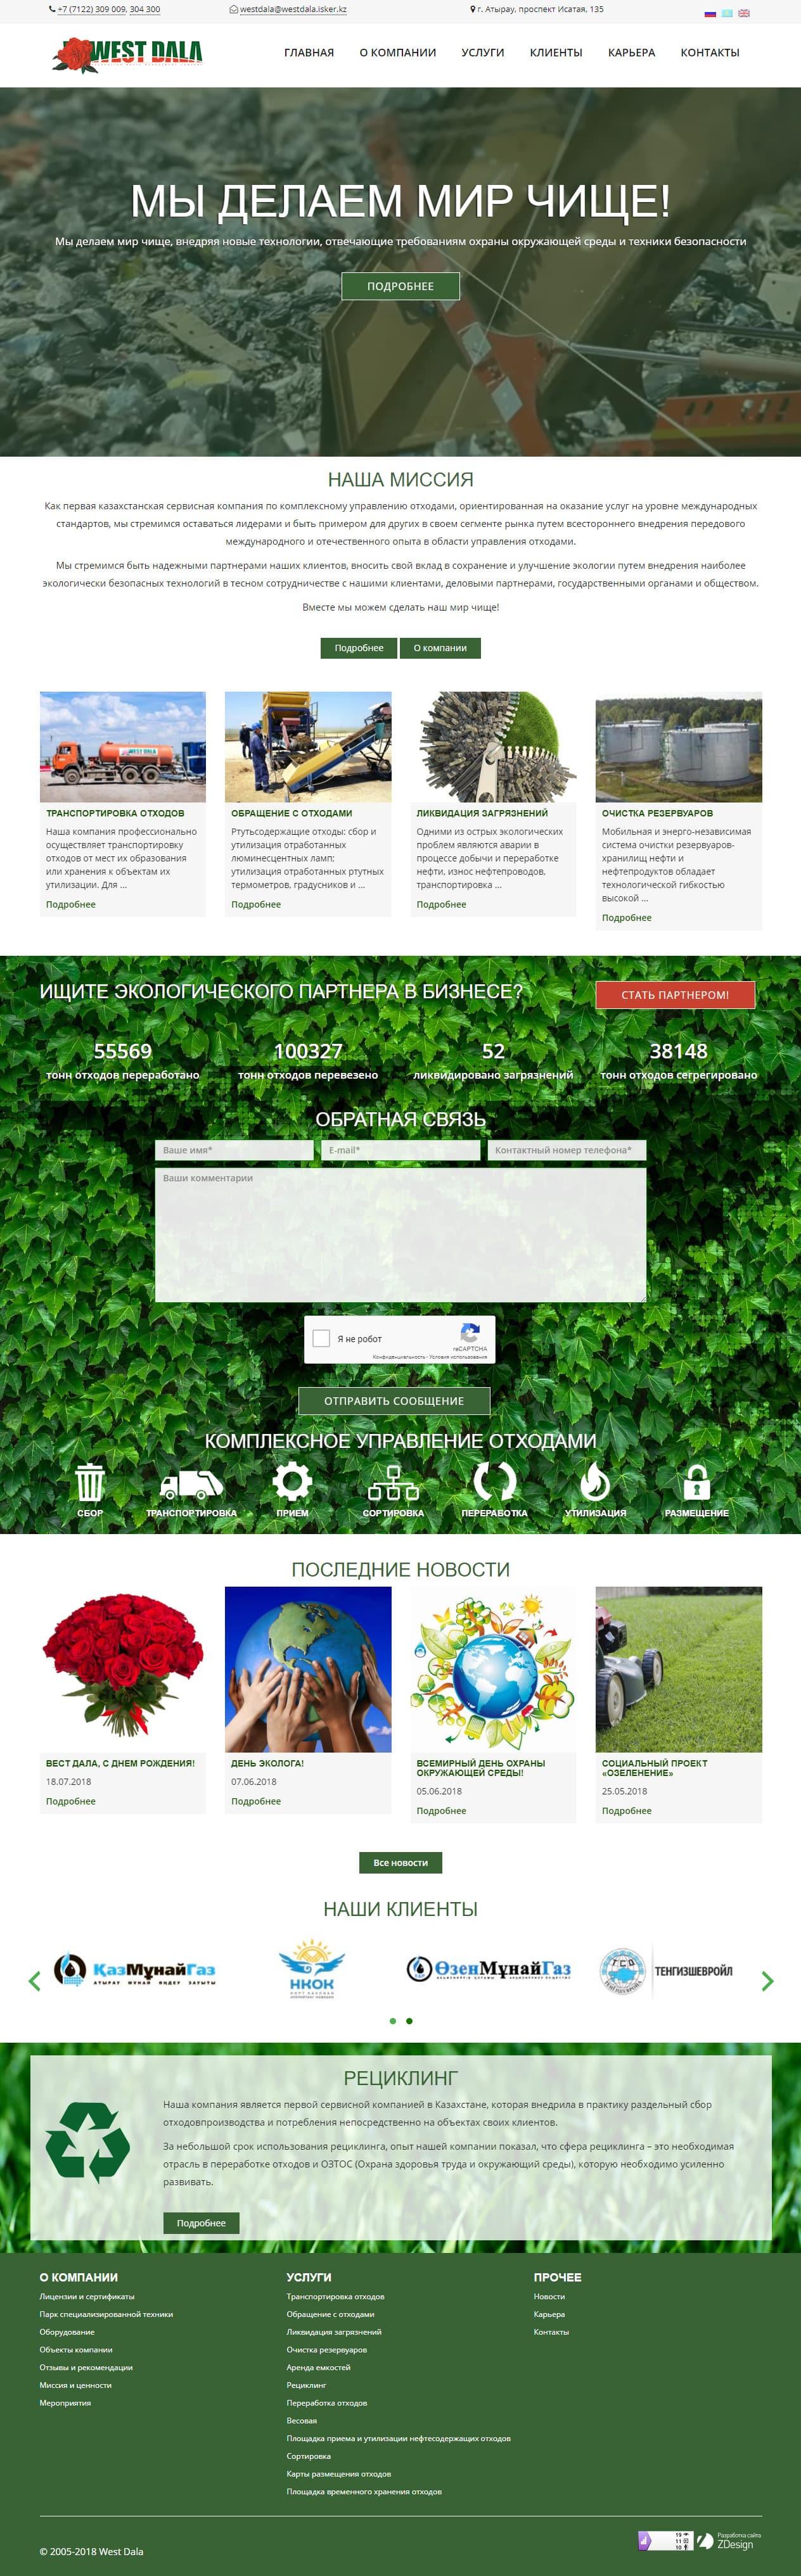 Разработка мультиязычного сайта экологической компании в Атырау